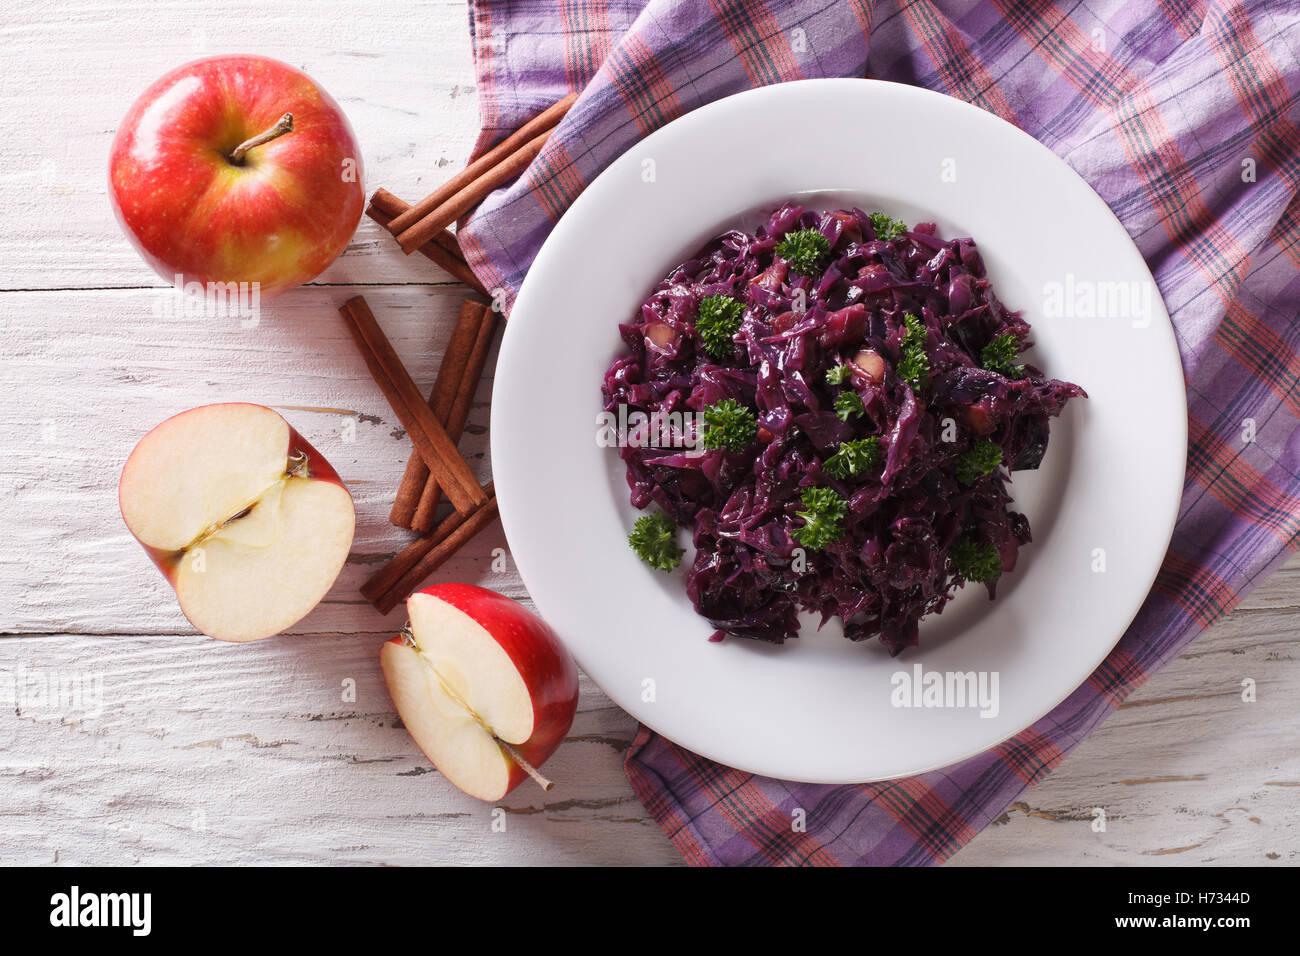 geschmorter Rotkohl mit Äpfeln und Zimt close-up auf dem Tisch. horizontale Ansicht von oben Stockbild